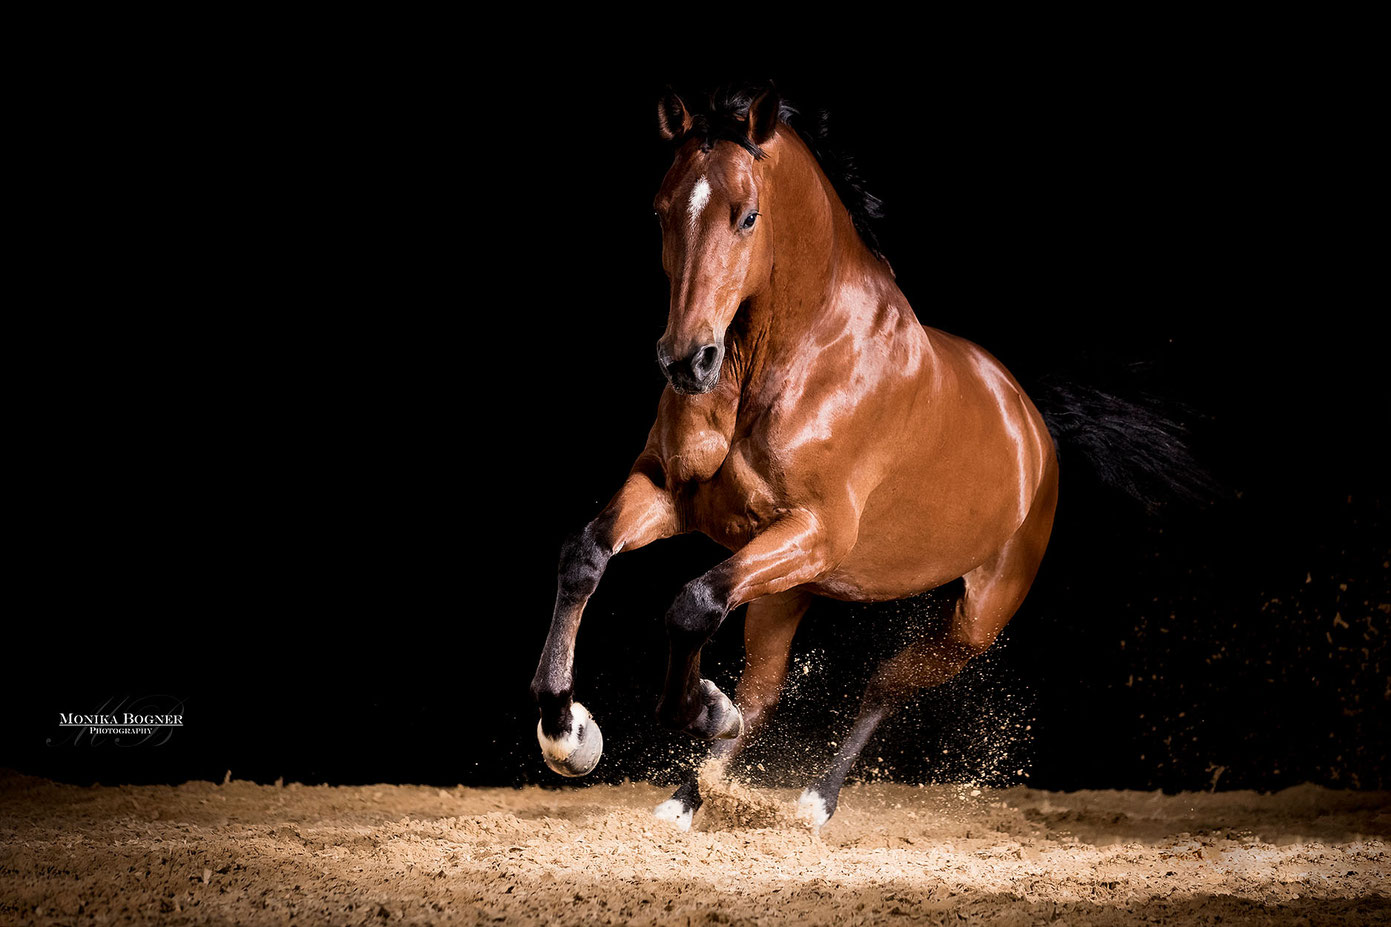 Pferd im Galopp im mobilden Studio, Freilauf, Pferde im Studio, Pferde vor schwarzem Hintergrund, Pferdefotografie, Warmblut